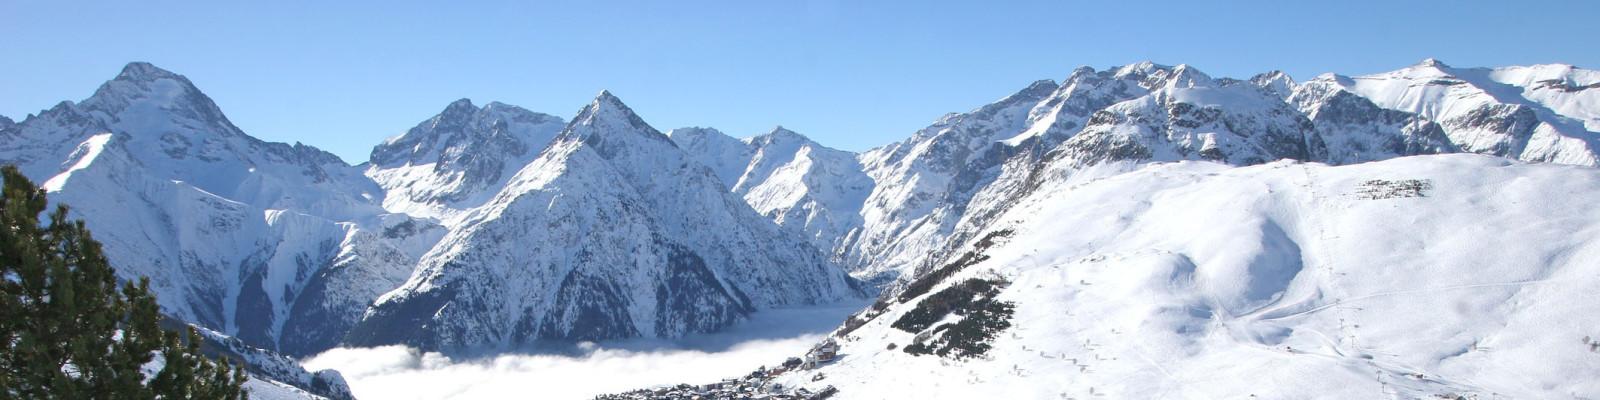 Participez au record du monde de descente aux flambeaux aux 2 Alpes